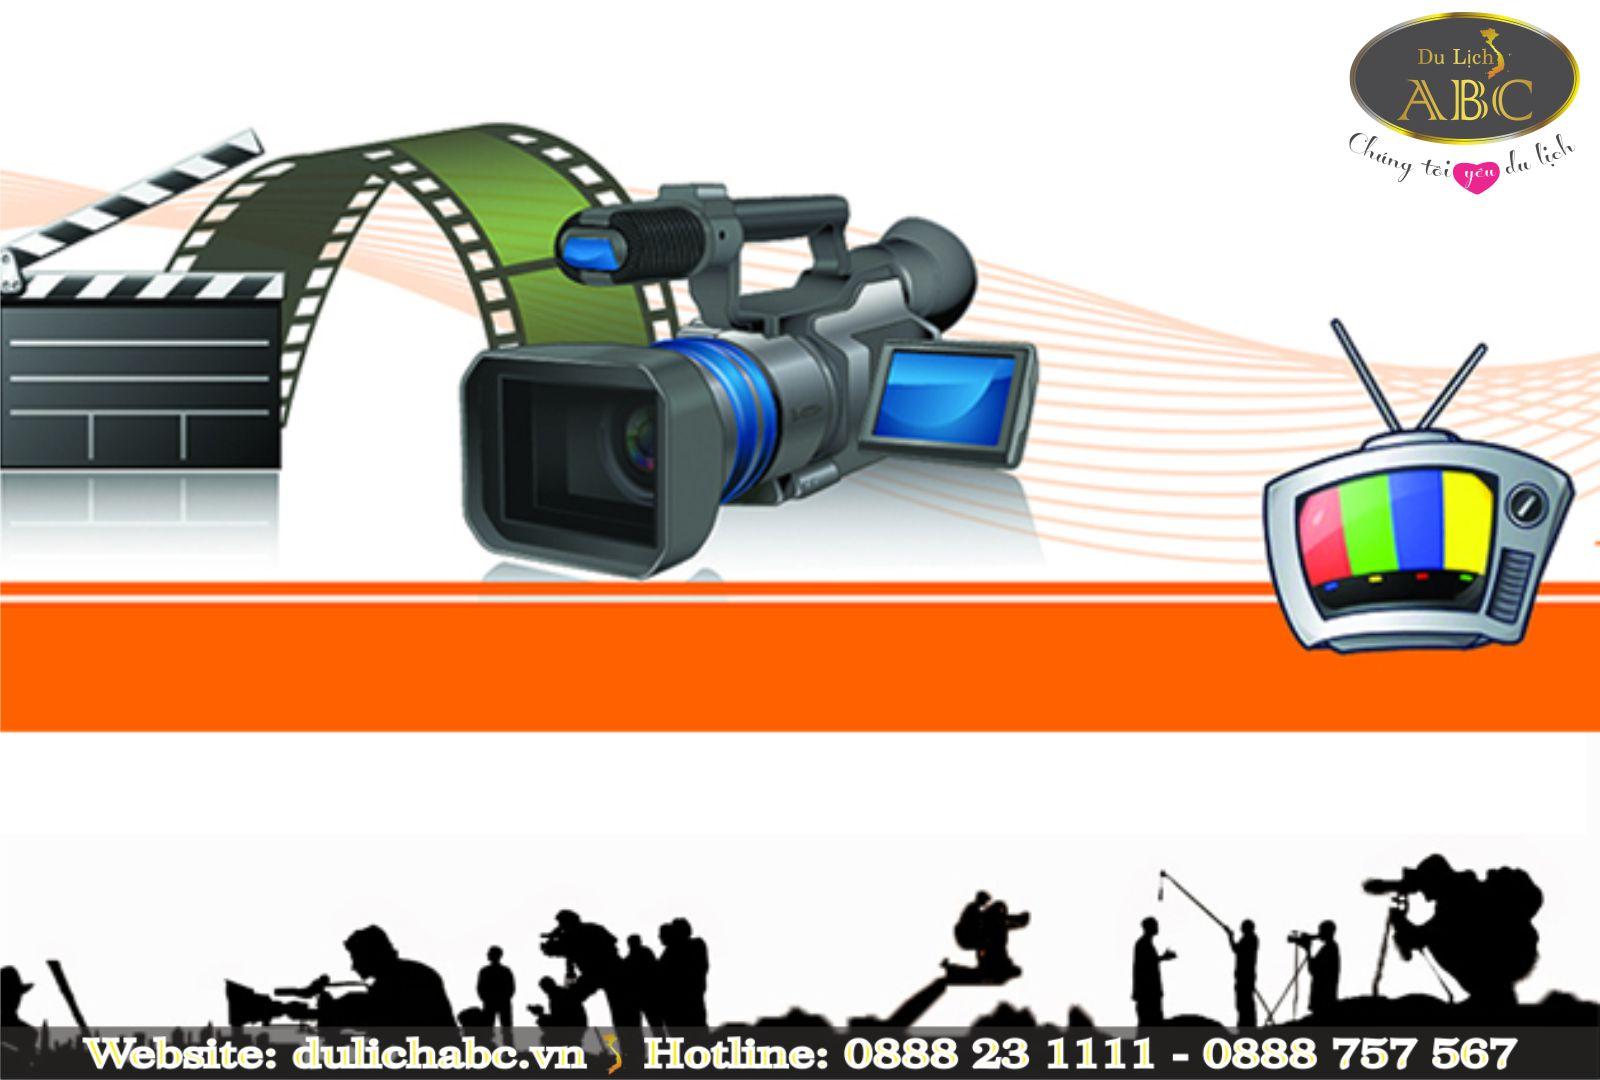 Thực Hiện TVC - Quay Phim Quảng Cáo